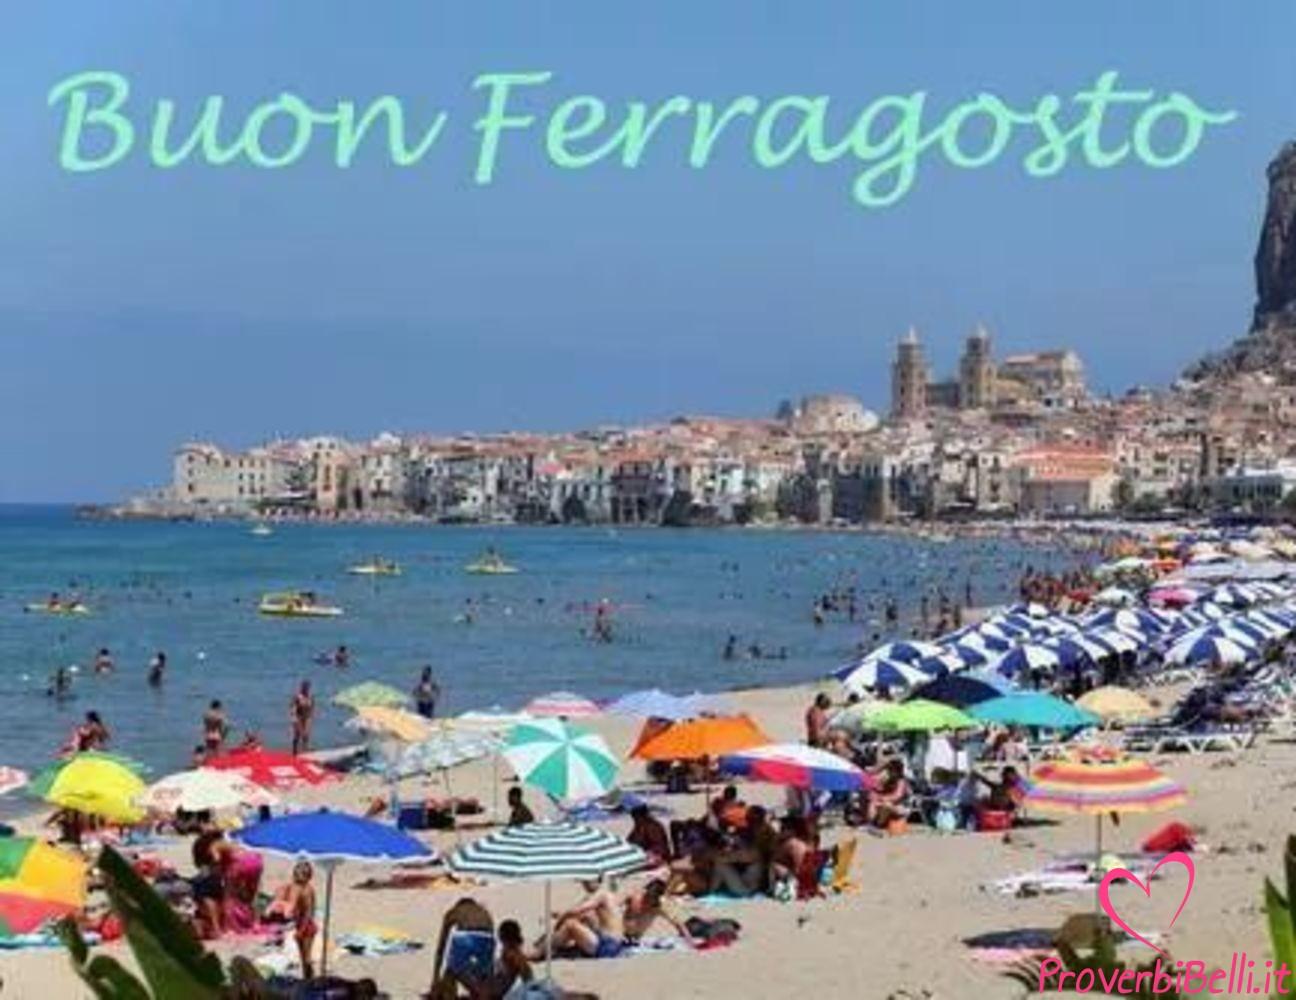 Buon-Ferragosto-Immagini-Whatsapp-50